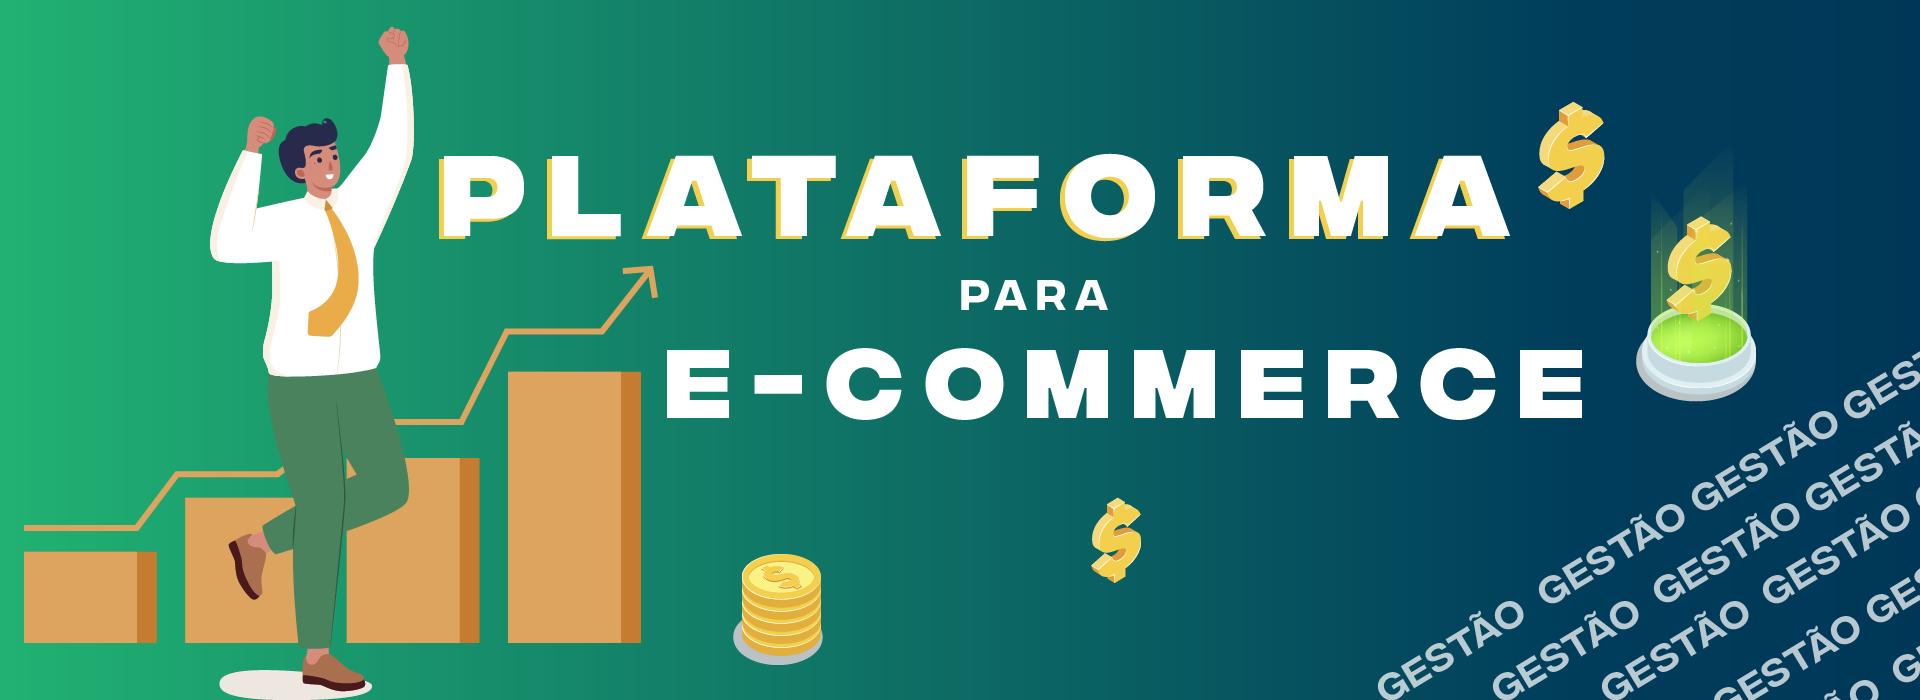 COMO MELHORAR A GESTÃO DO SEU E-COMMERCE!